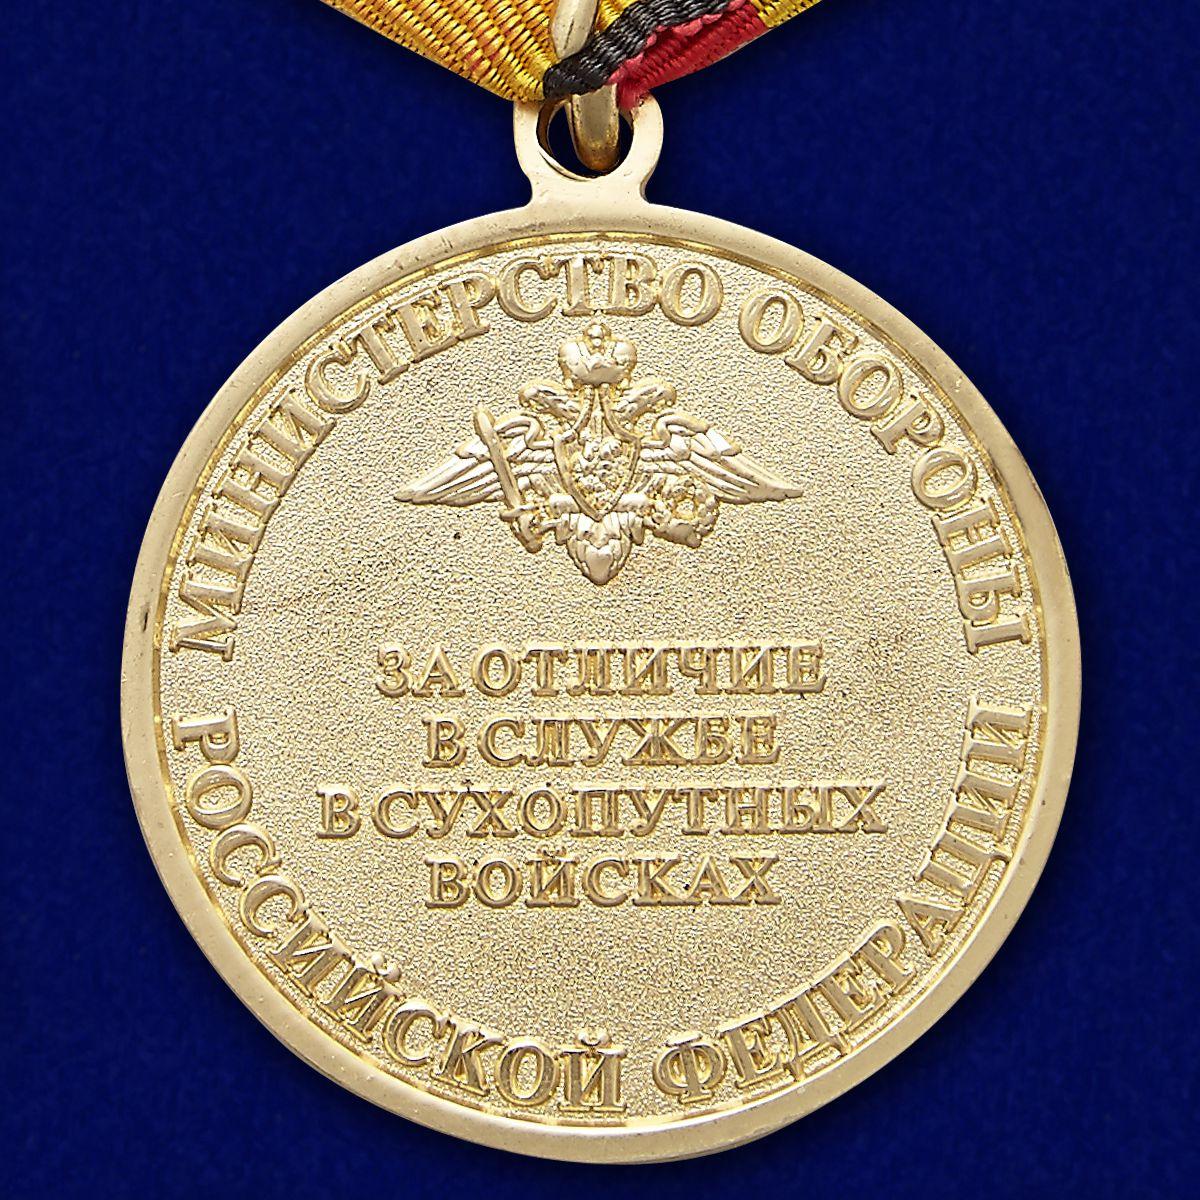 """Медаль """"За отличие в службе в Сухопутных войсках"""" - оборотная сторона"""